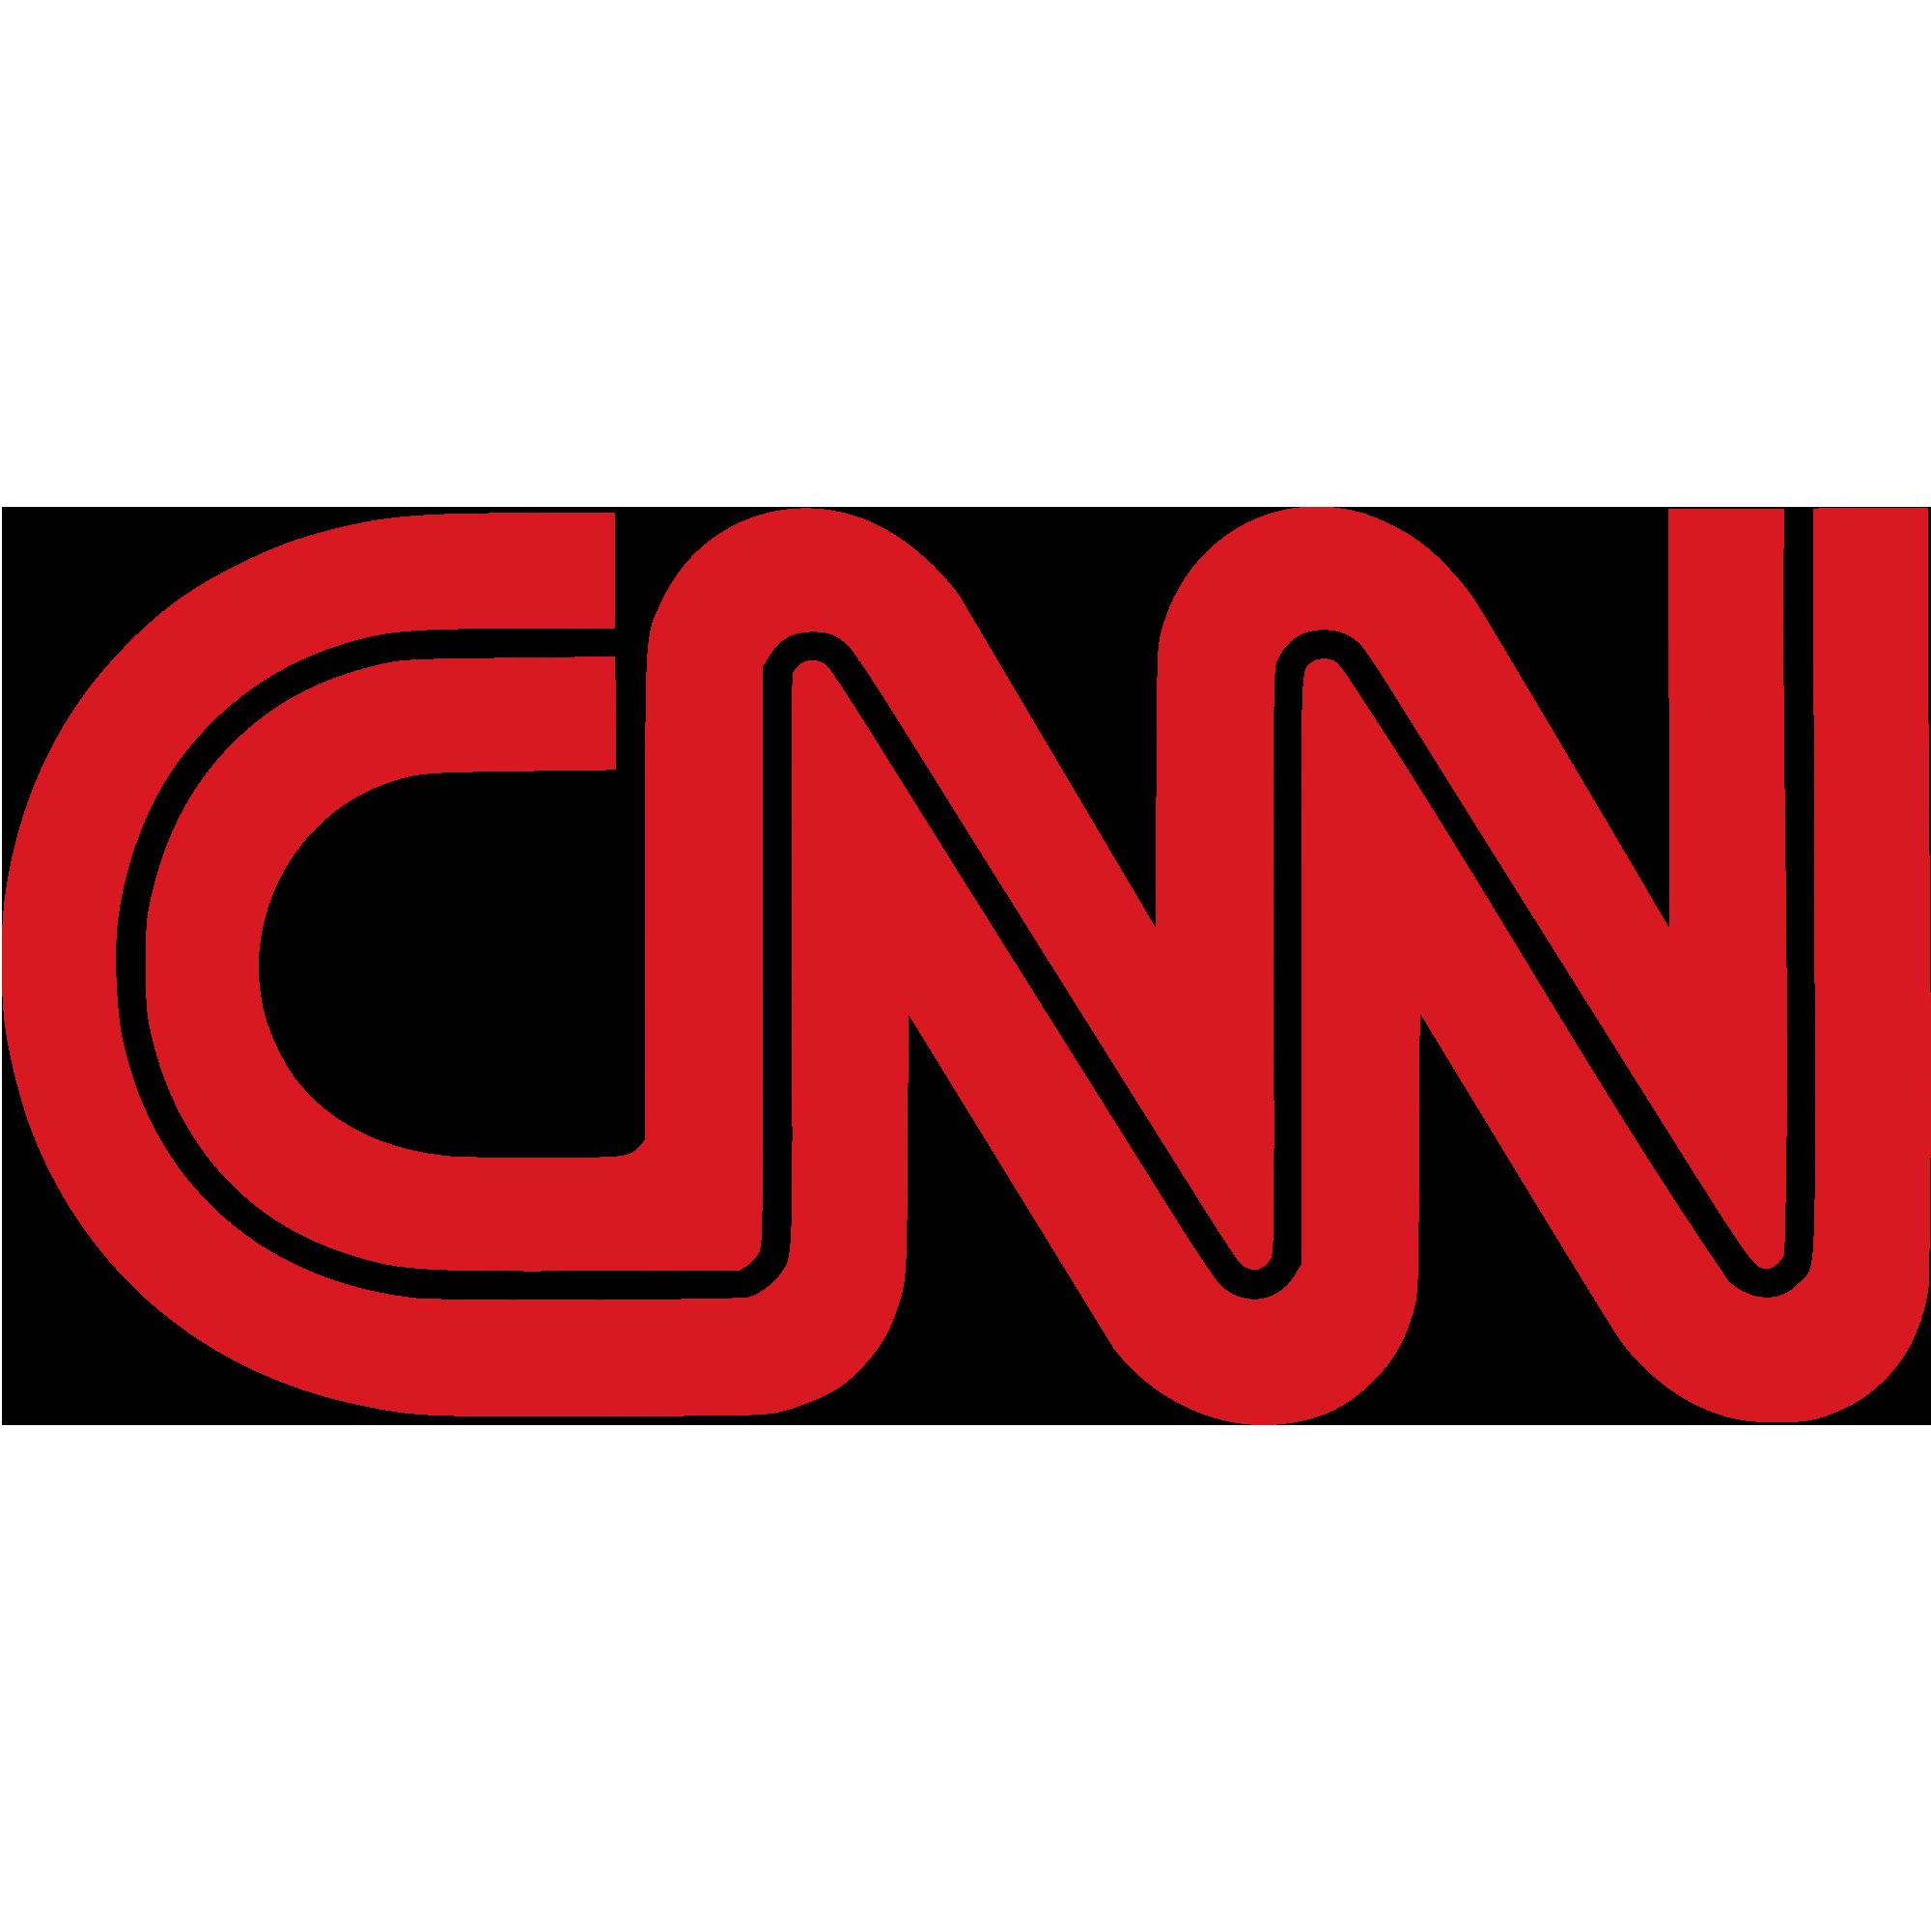 Cnn_logo-5 copy